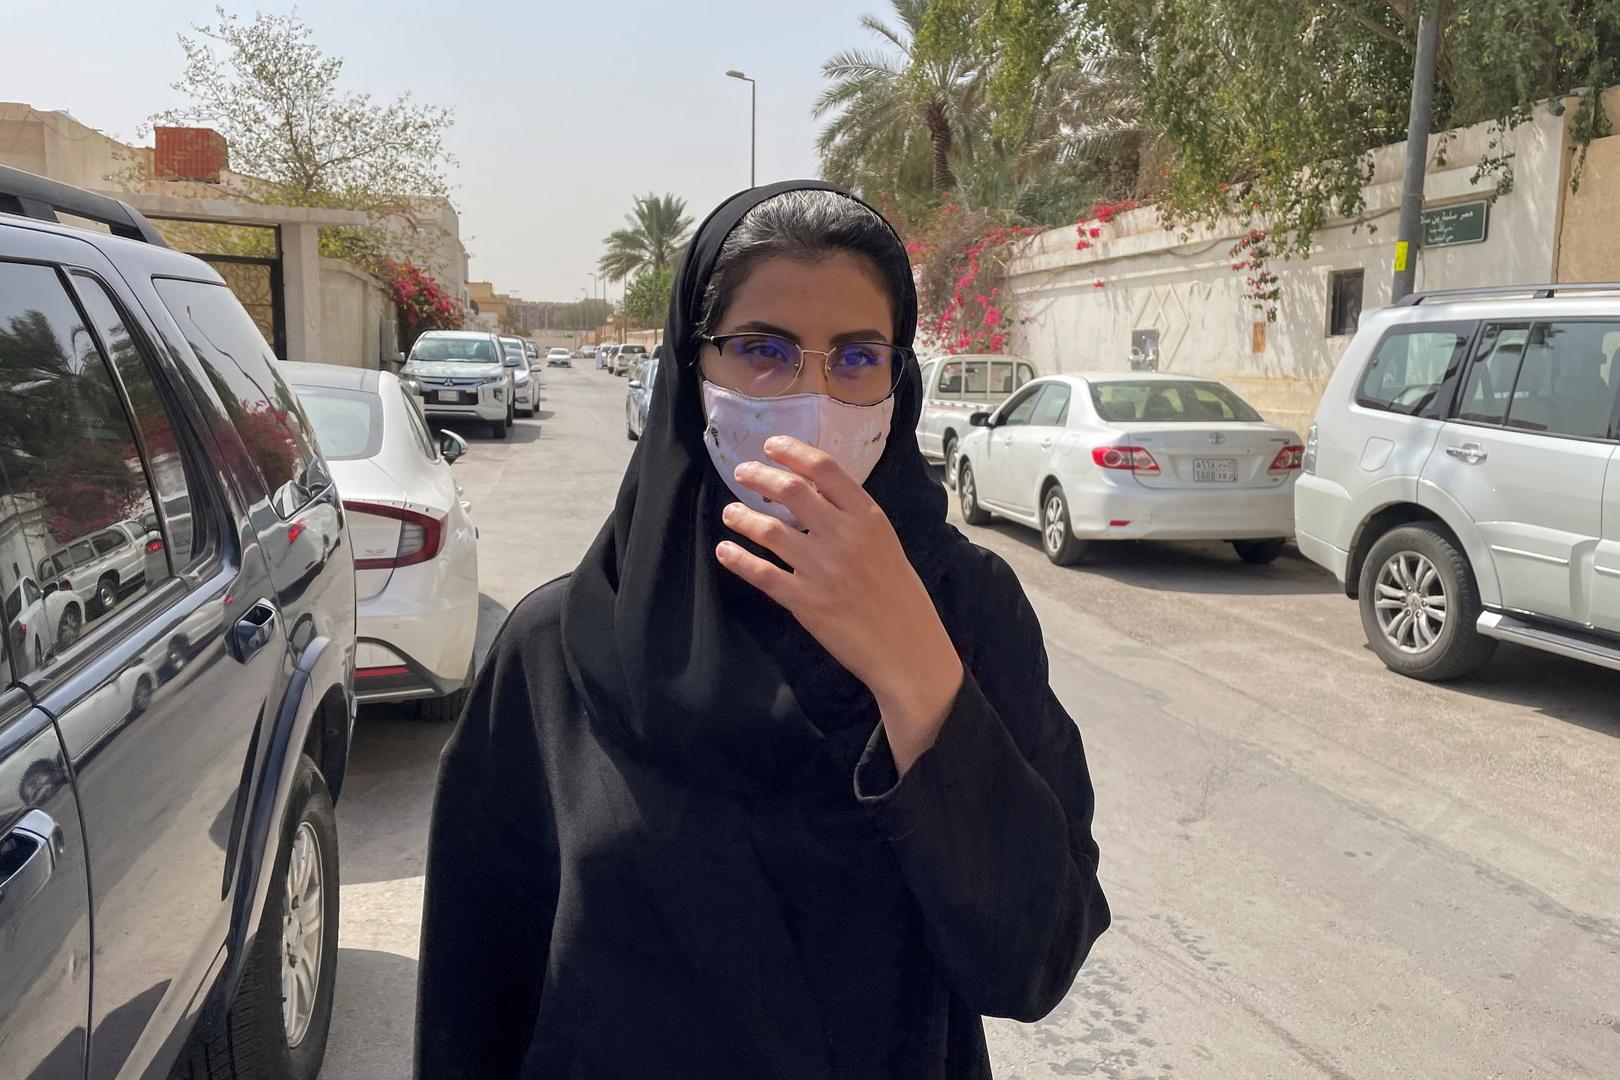 عائلة لجين الهذلول تعلن استدعاءها لدى الداخلية السعودية